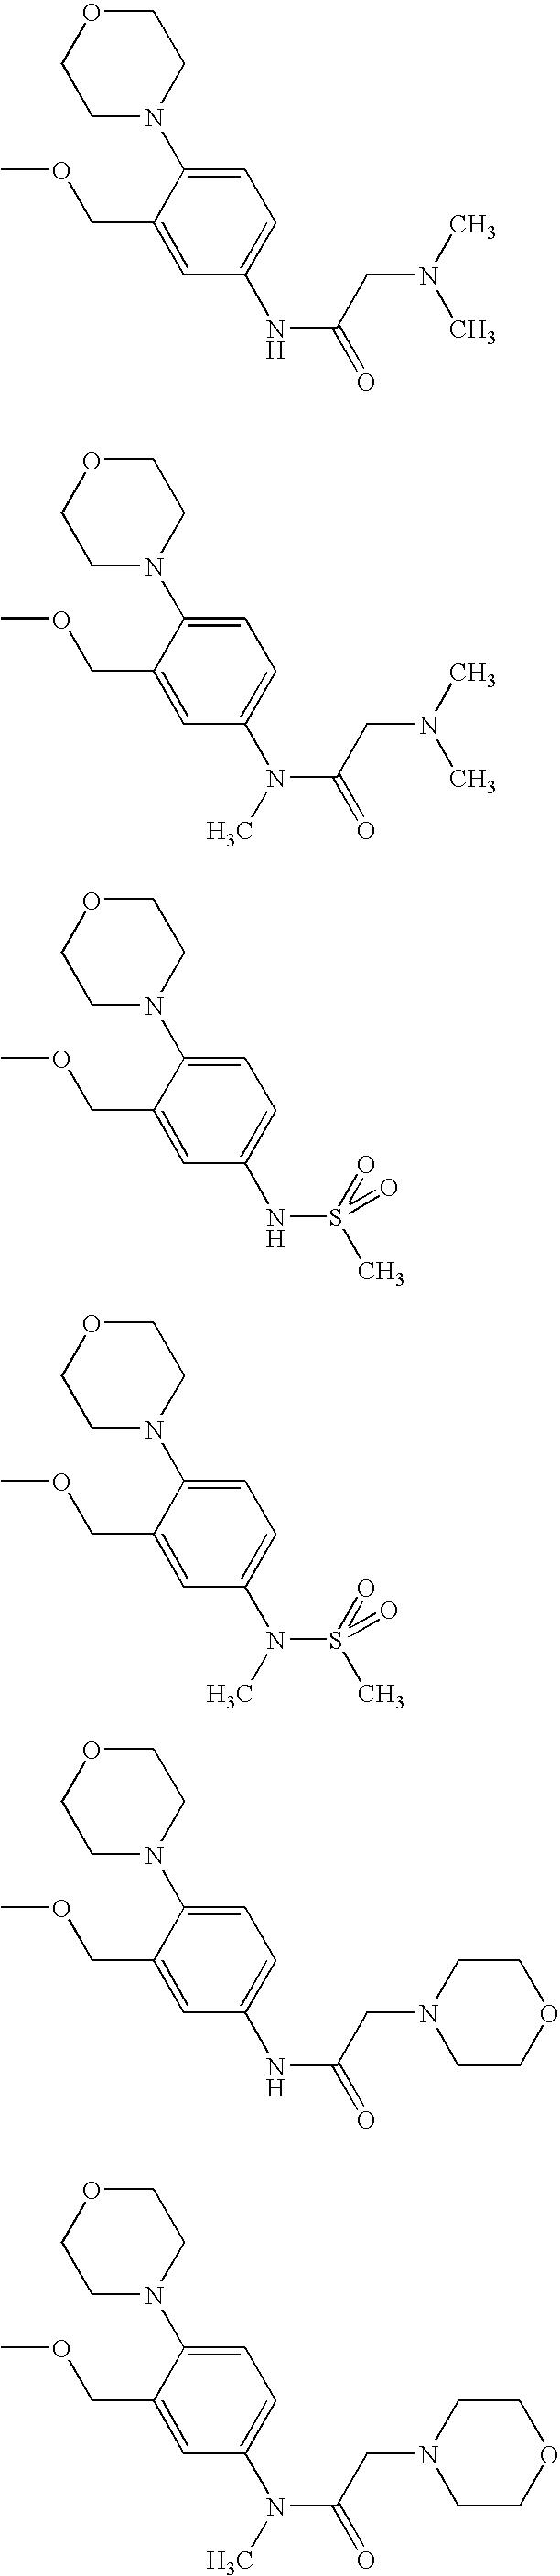 Figure US20070049593A1-20070301-C00266